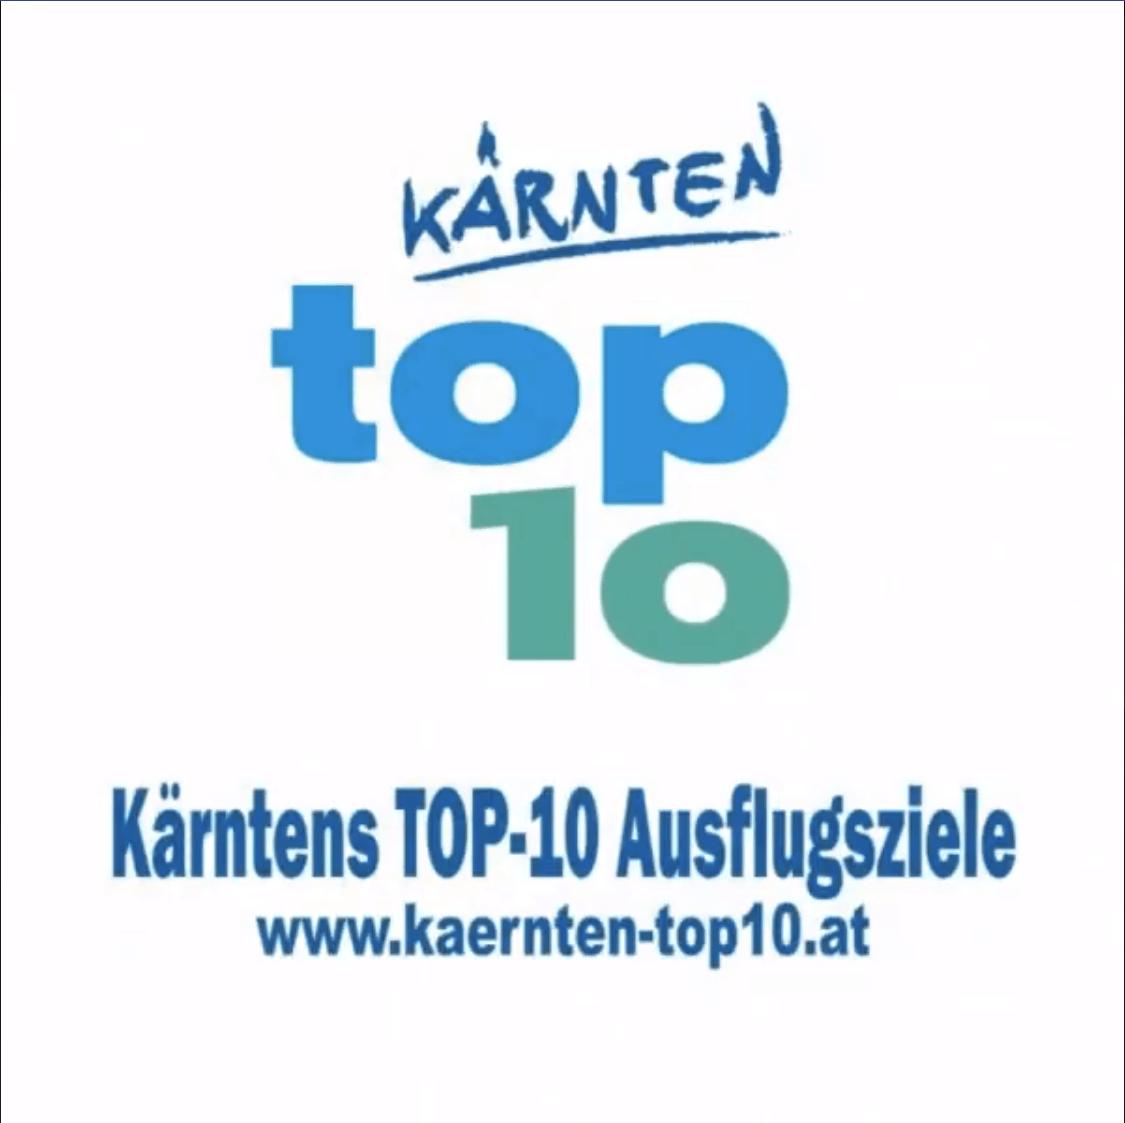 Nocky Flitzer & Nockys Almzeit auf der Turracher Höhe zählen zu den TOP Ausflugszielen in Kärnten - Österreich. Logo und Internet